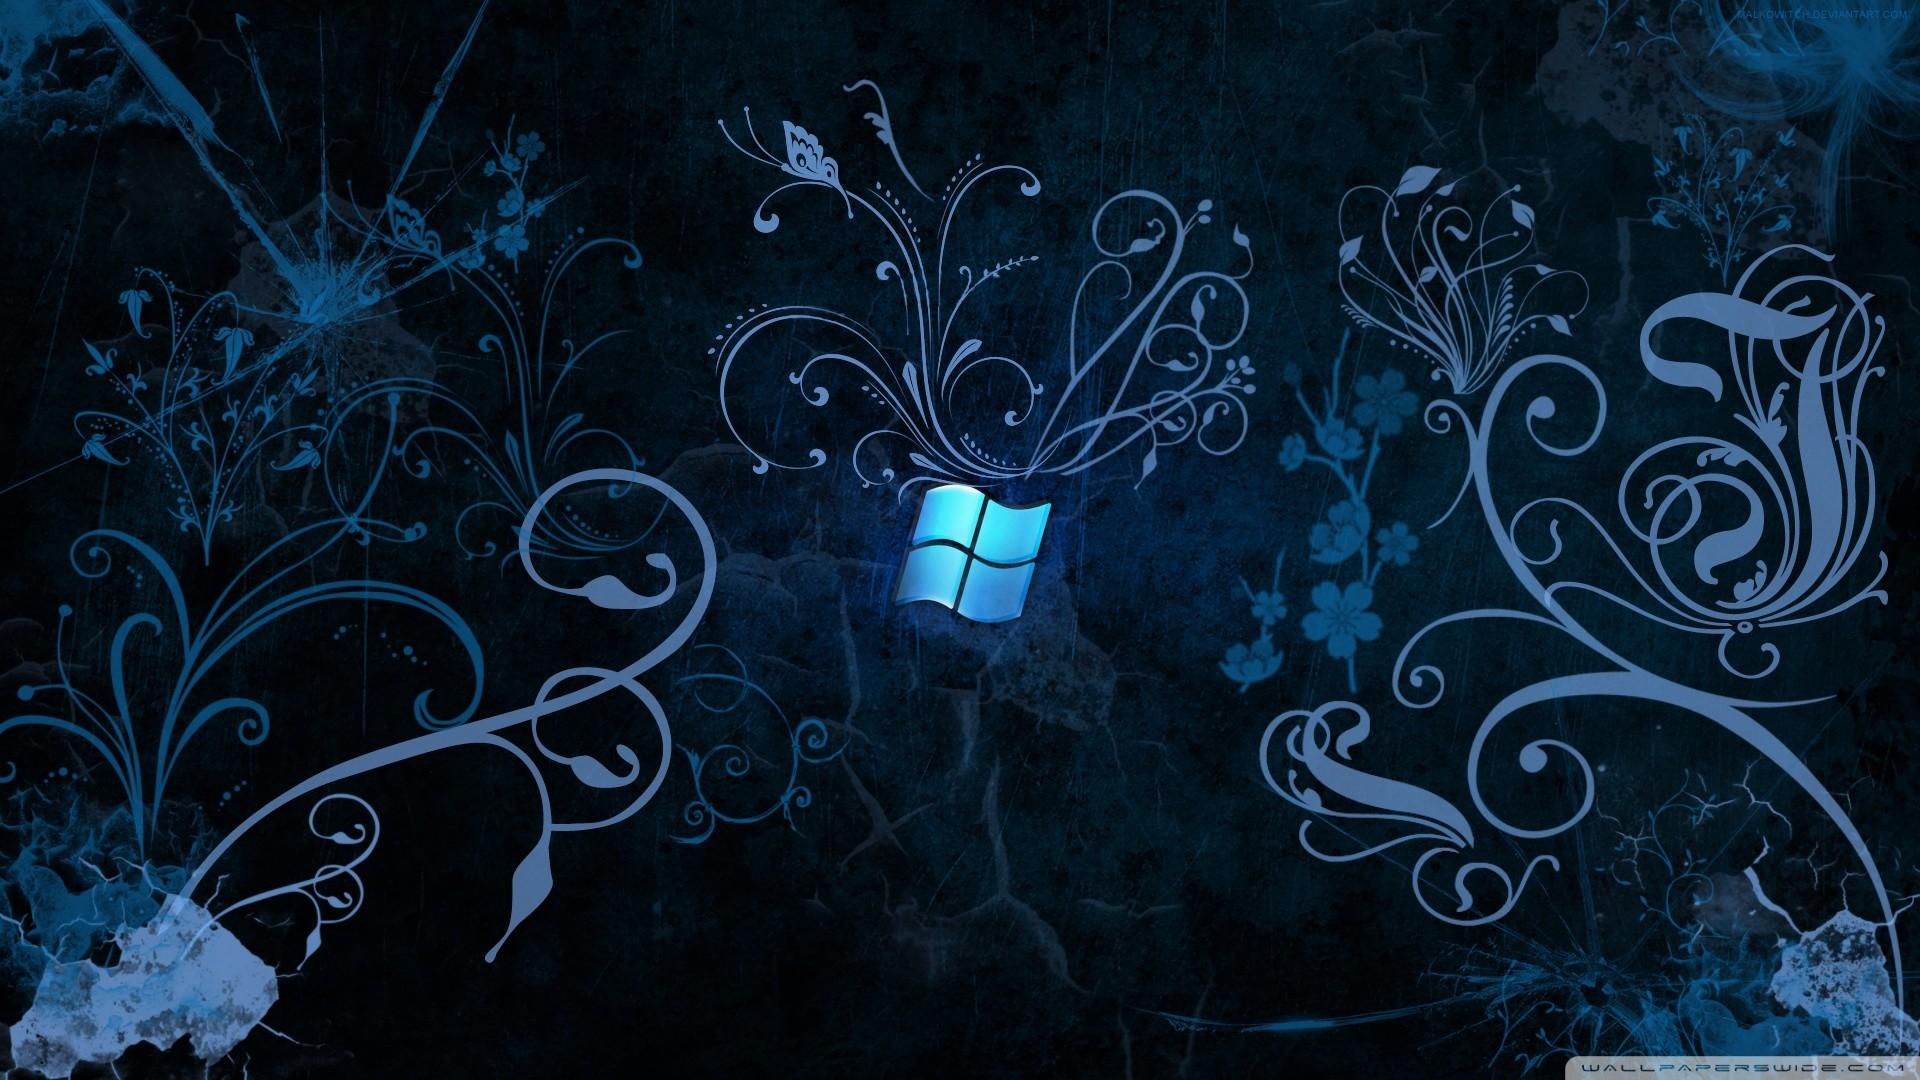 Animierter hintergrund windows 8 1